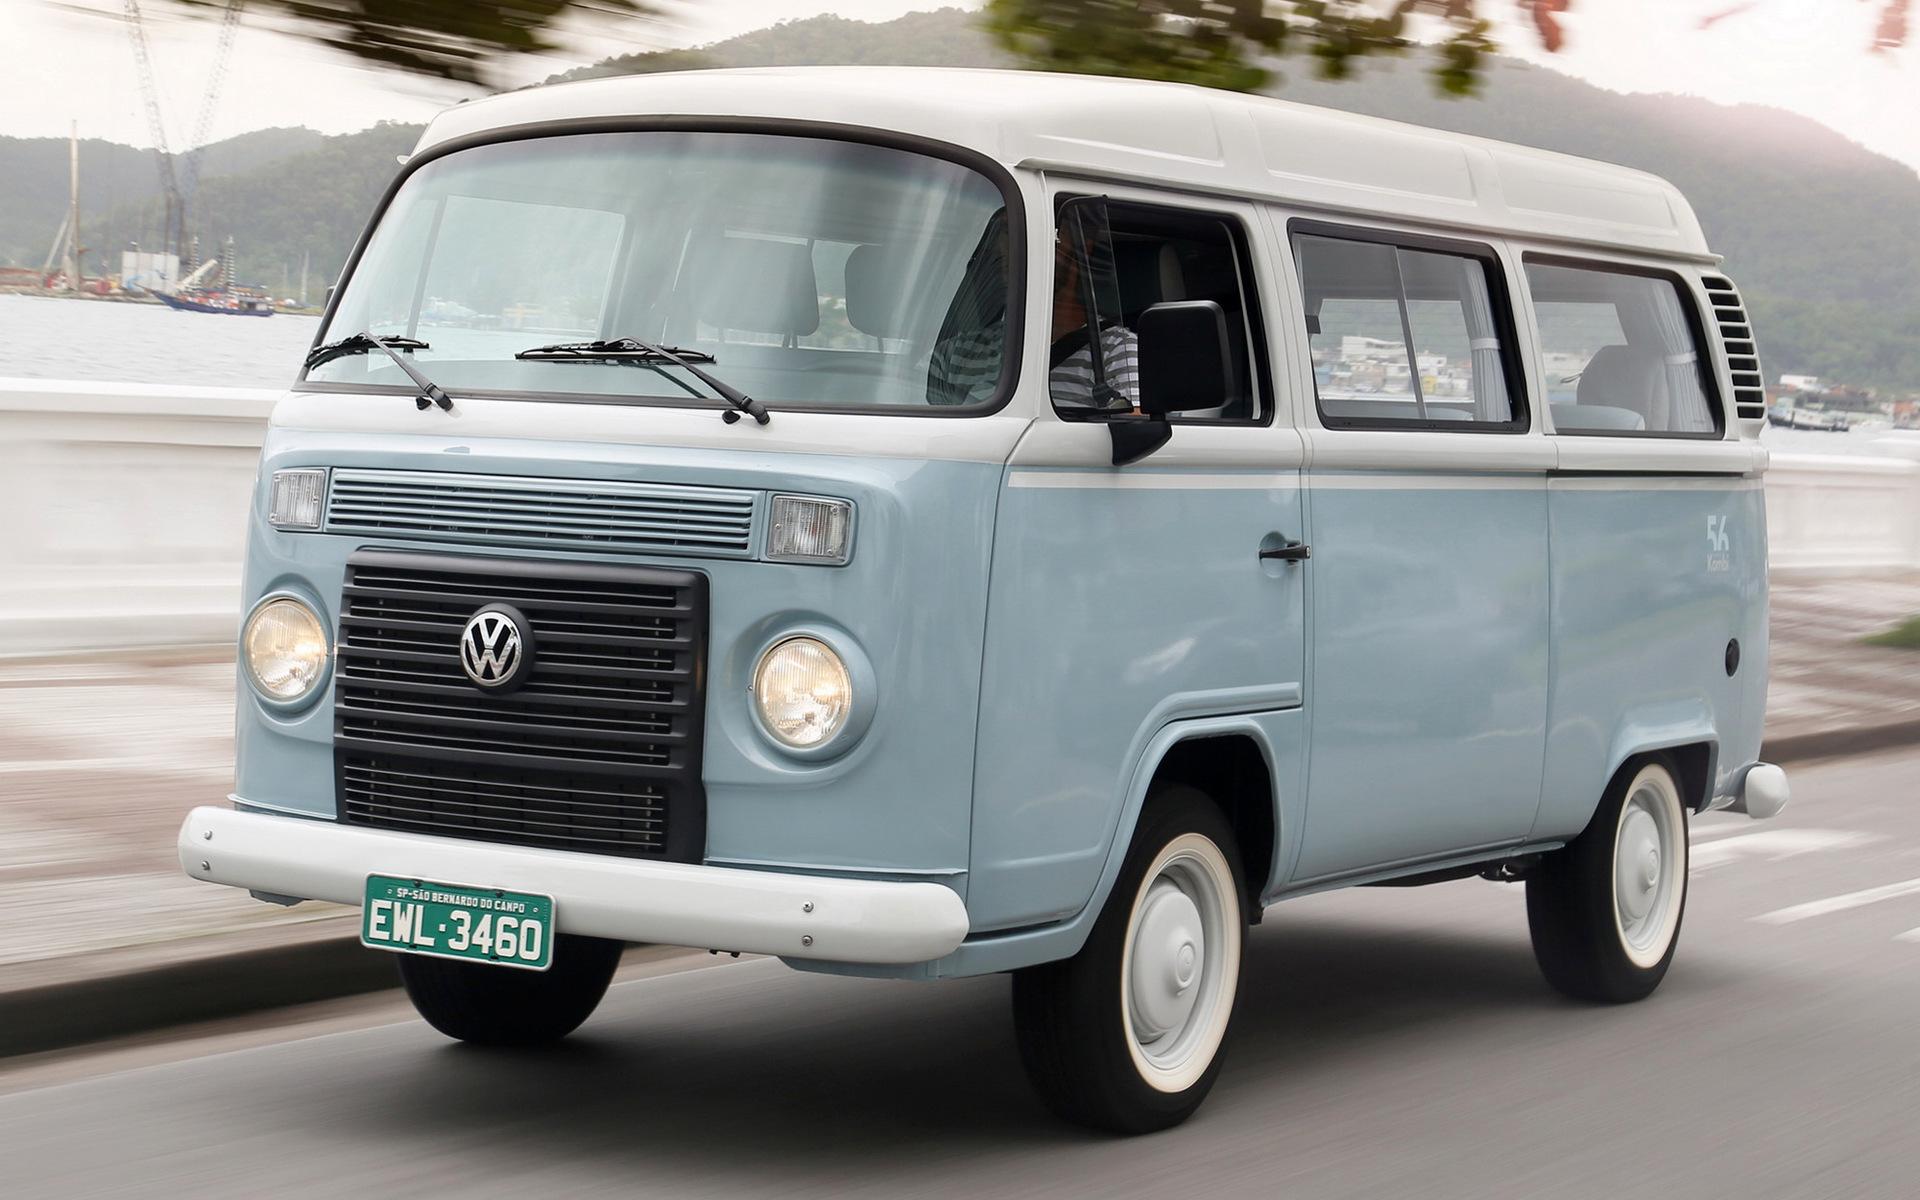 2013 Volkswagen Kombi Last Edition Br Wallpapers And